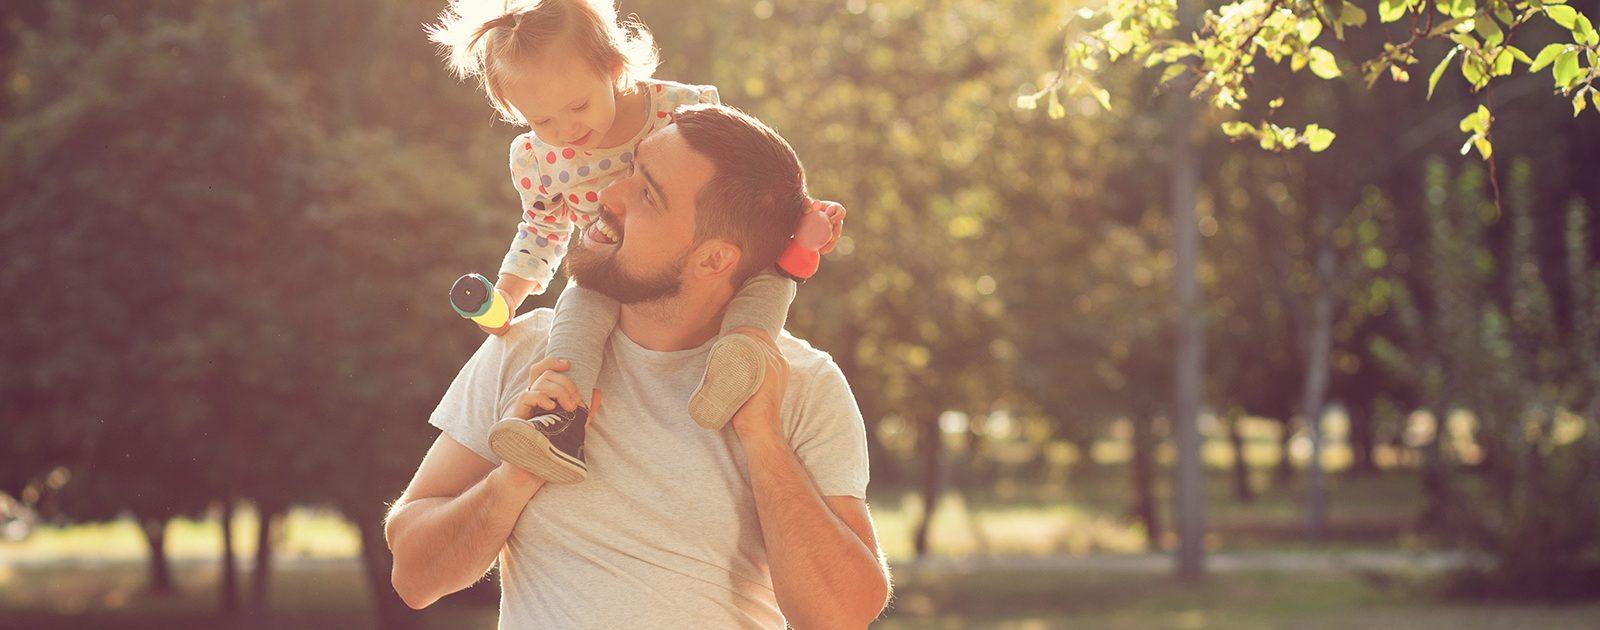 Vater spielt in der Elternzeit mit seiner Tochter